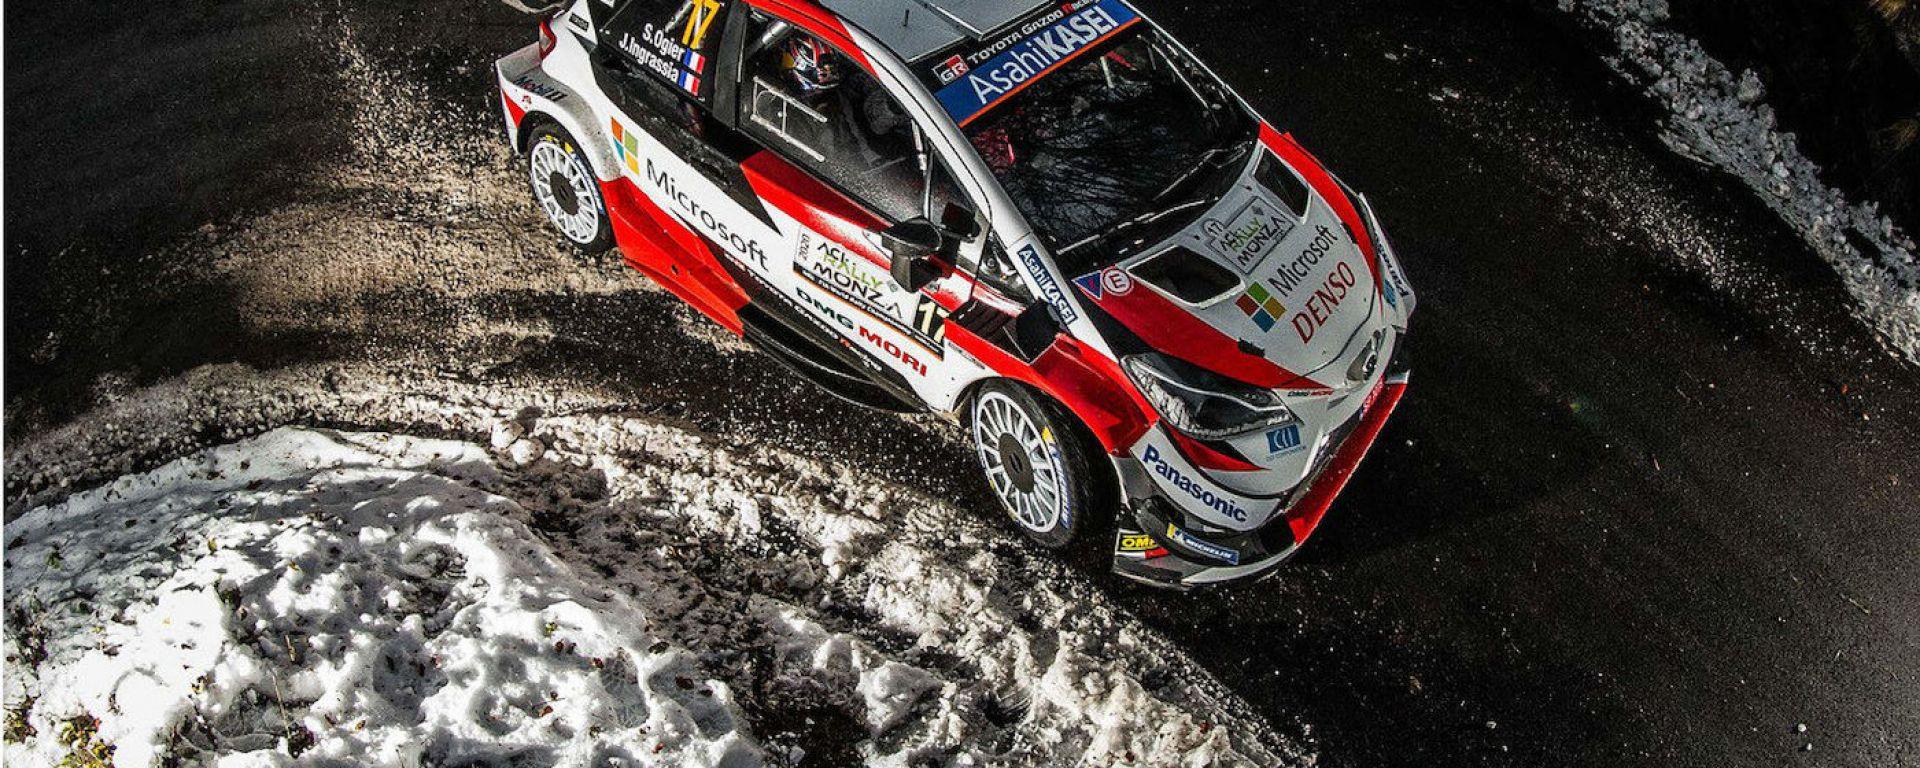 WRC 2020: Sebastien Ogier leader e campione della classifica mondiale dopo il Rally Monza